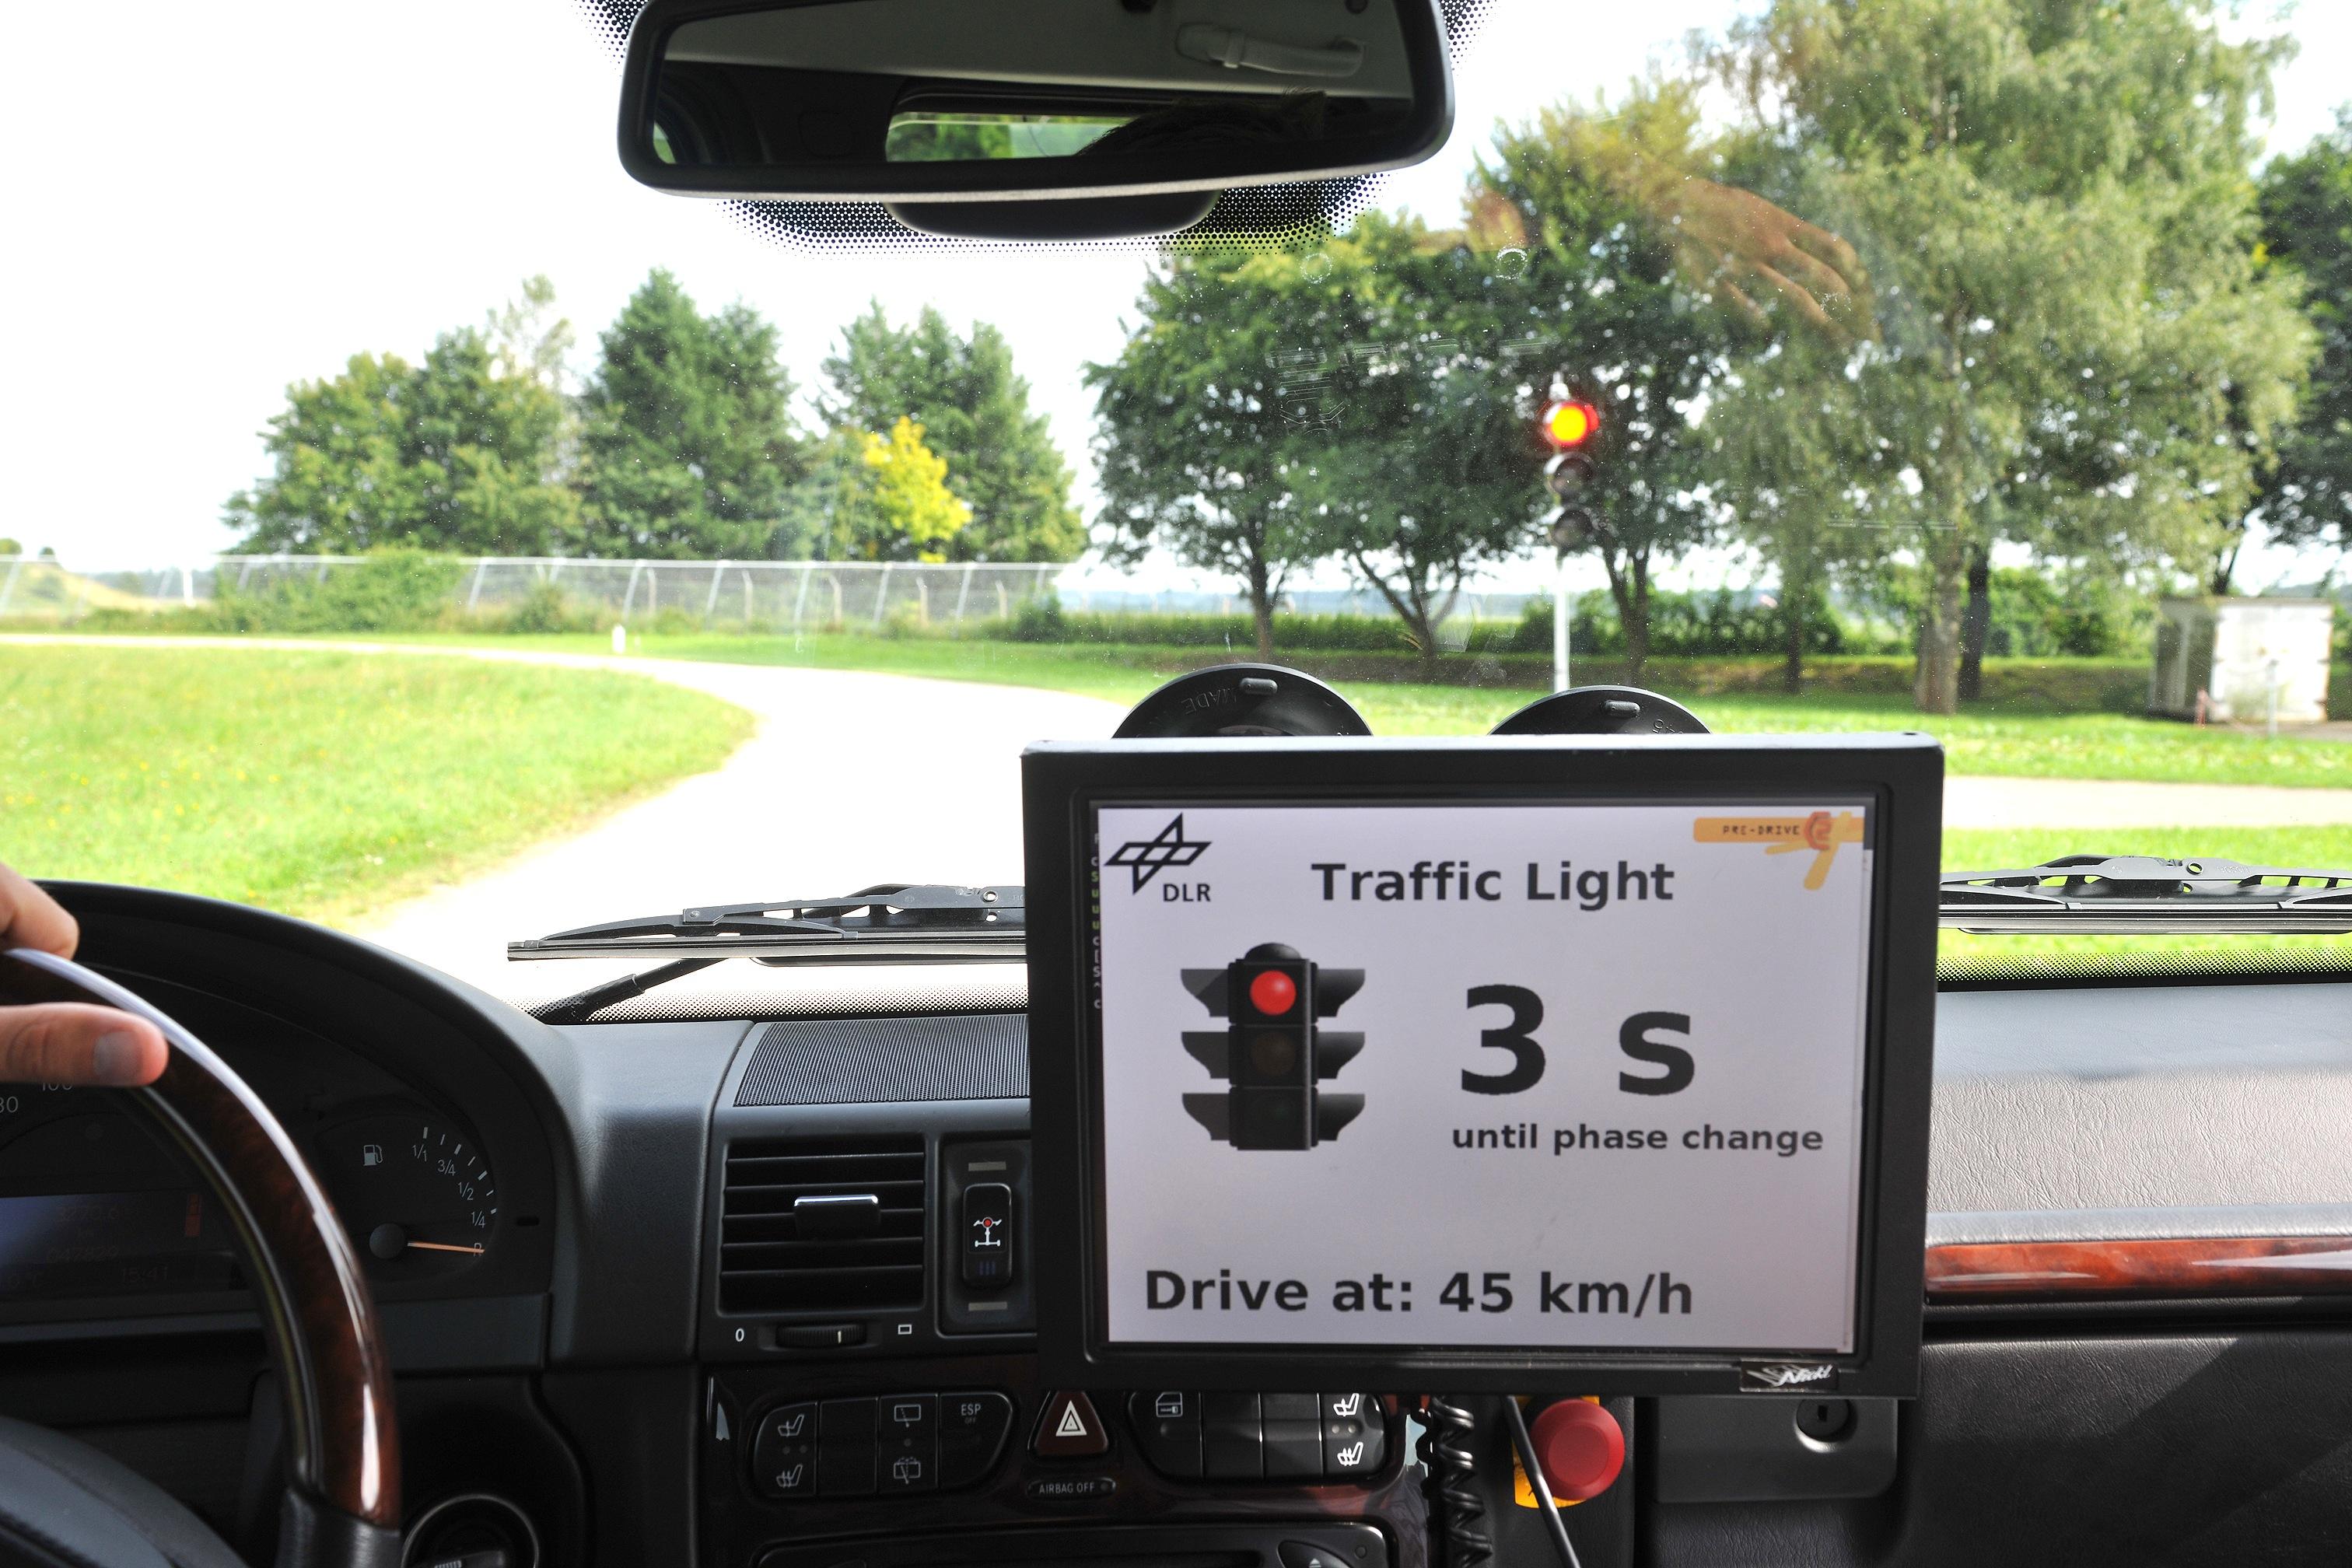 Intelligente Ampeln können beispielsweise die Restdauer der Grünphase und die dazu passende Geschwindigkeit anzeigen.